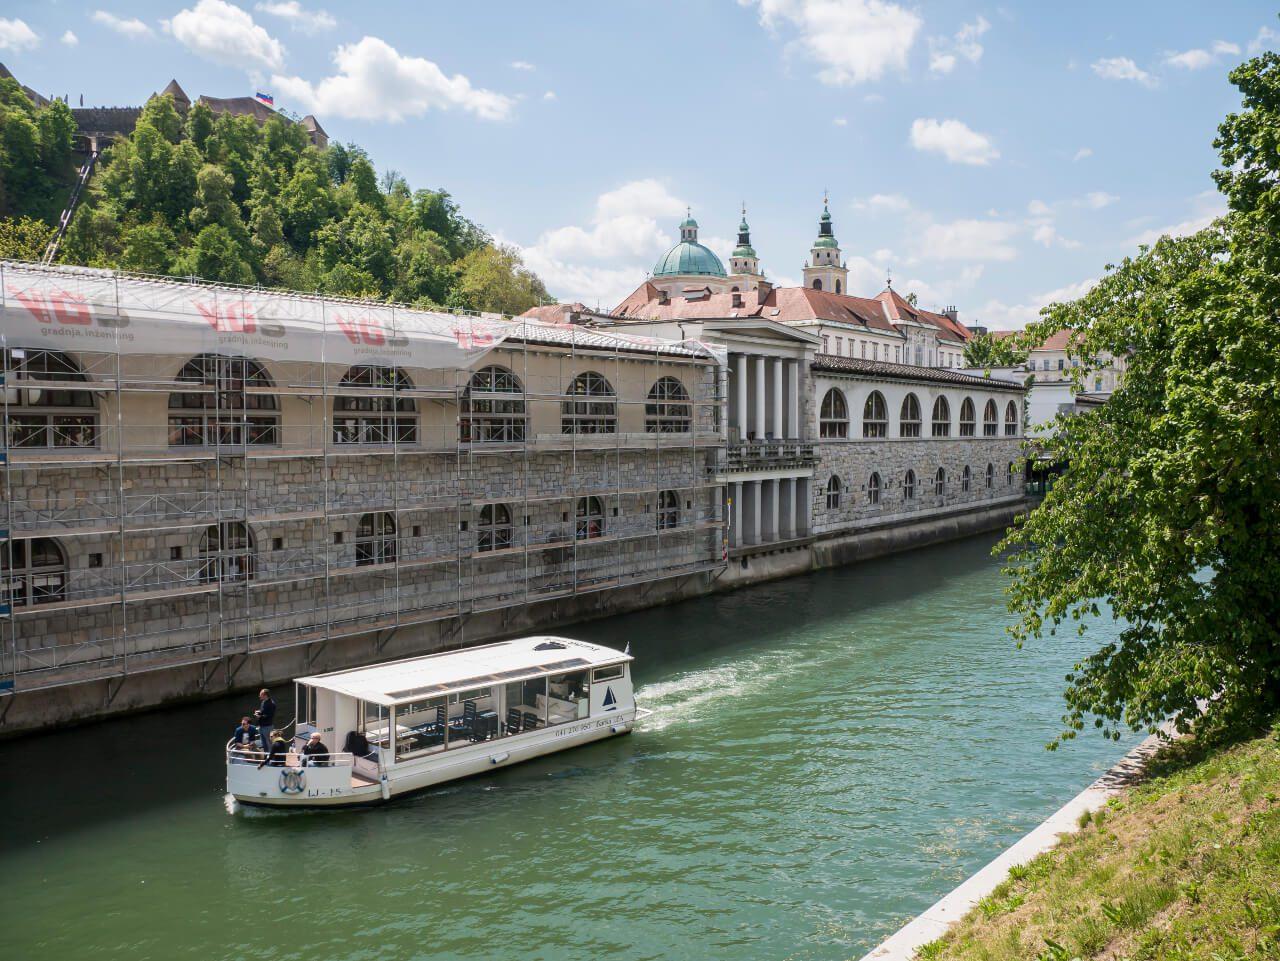 Hale targowe nad brzegiem rzeki Ljubljanica